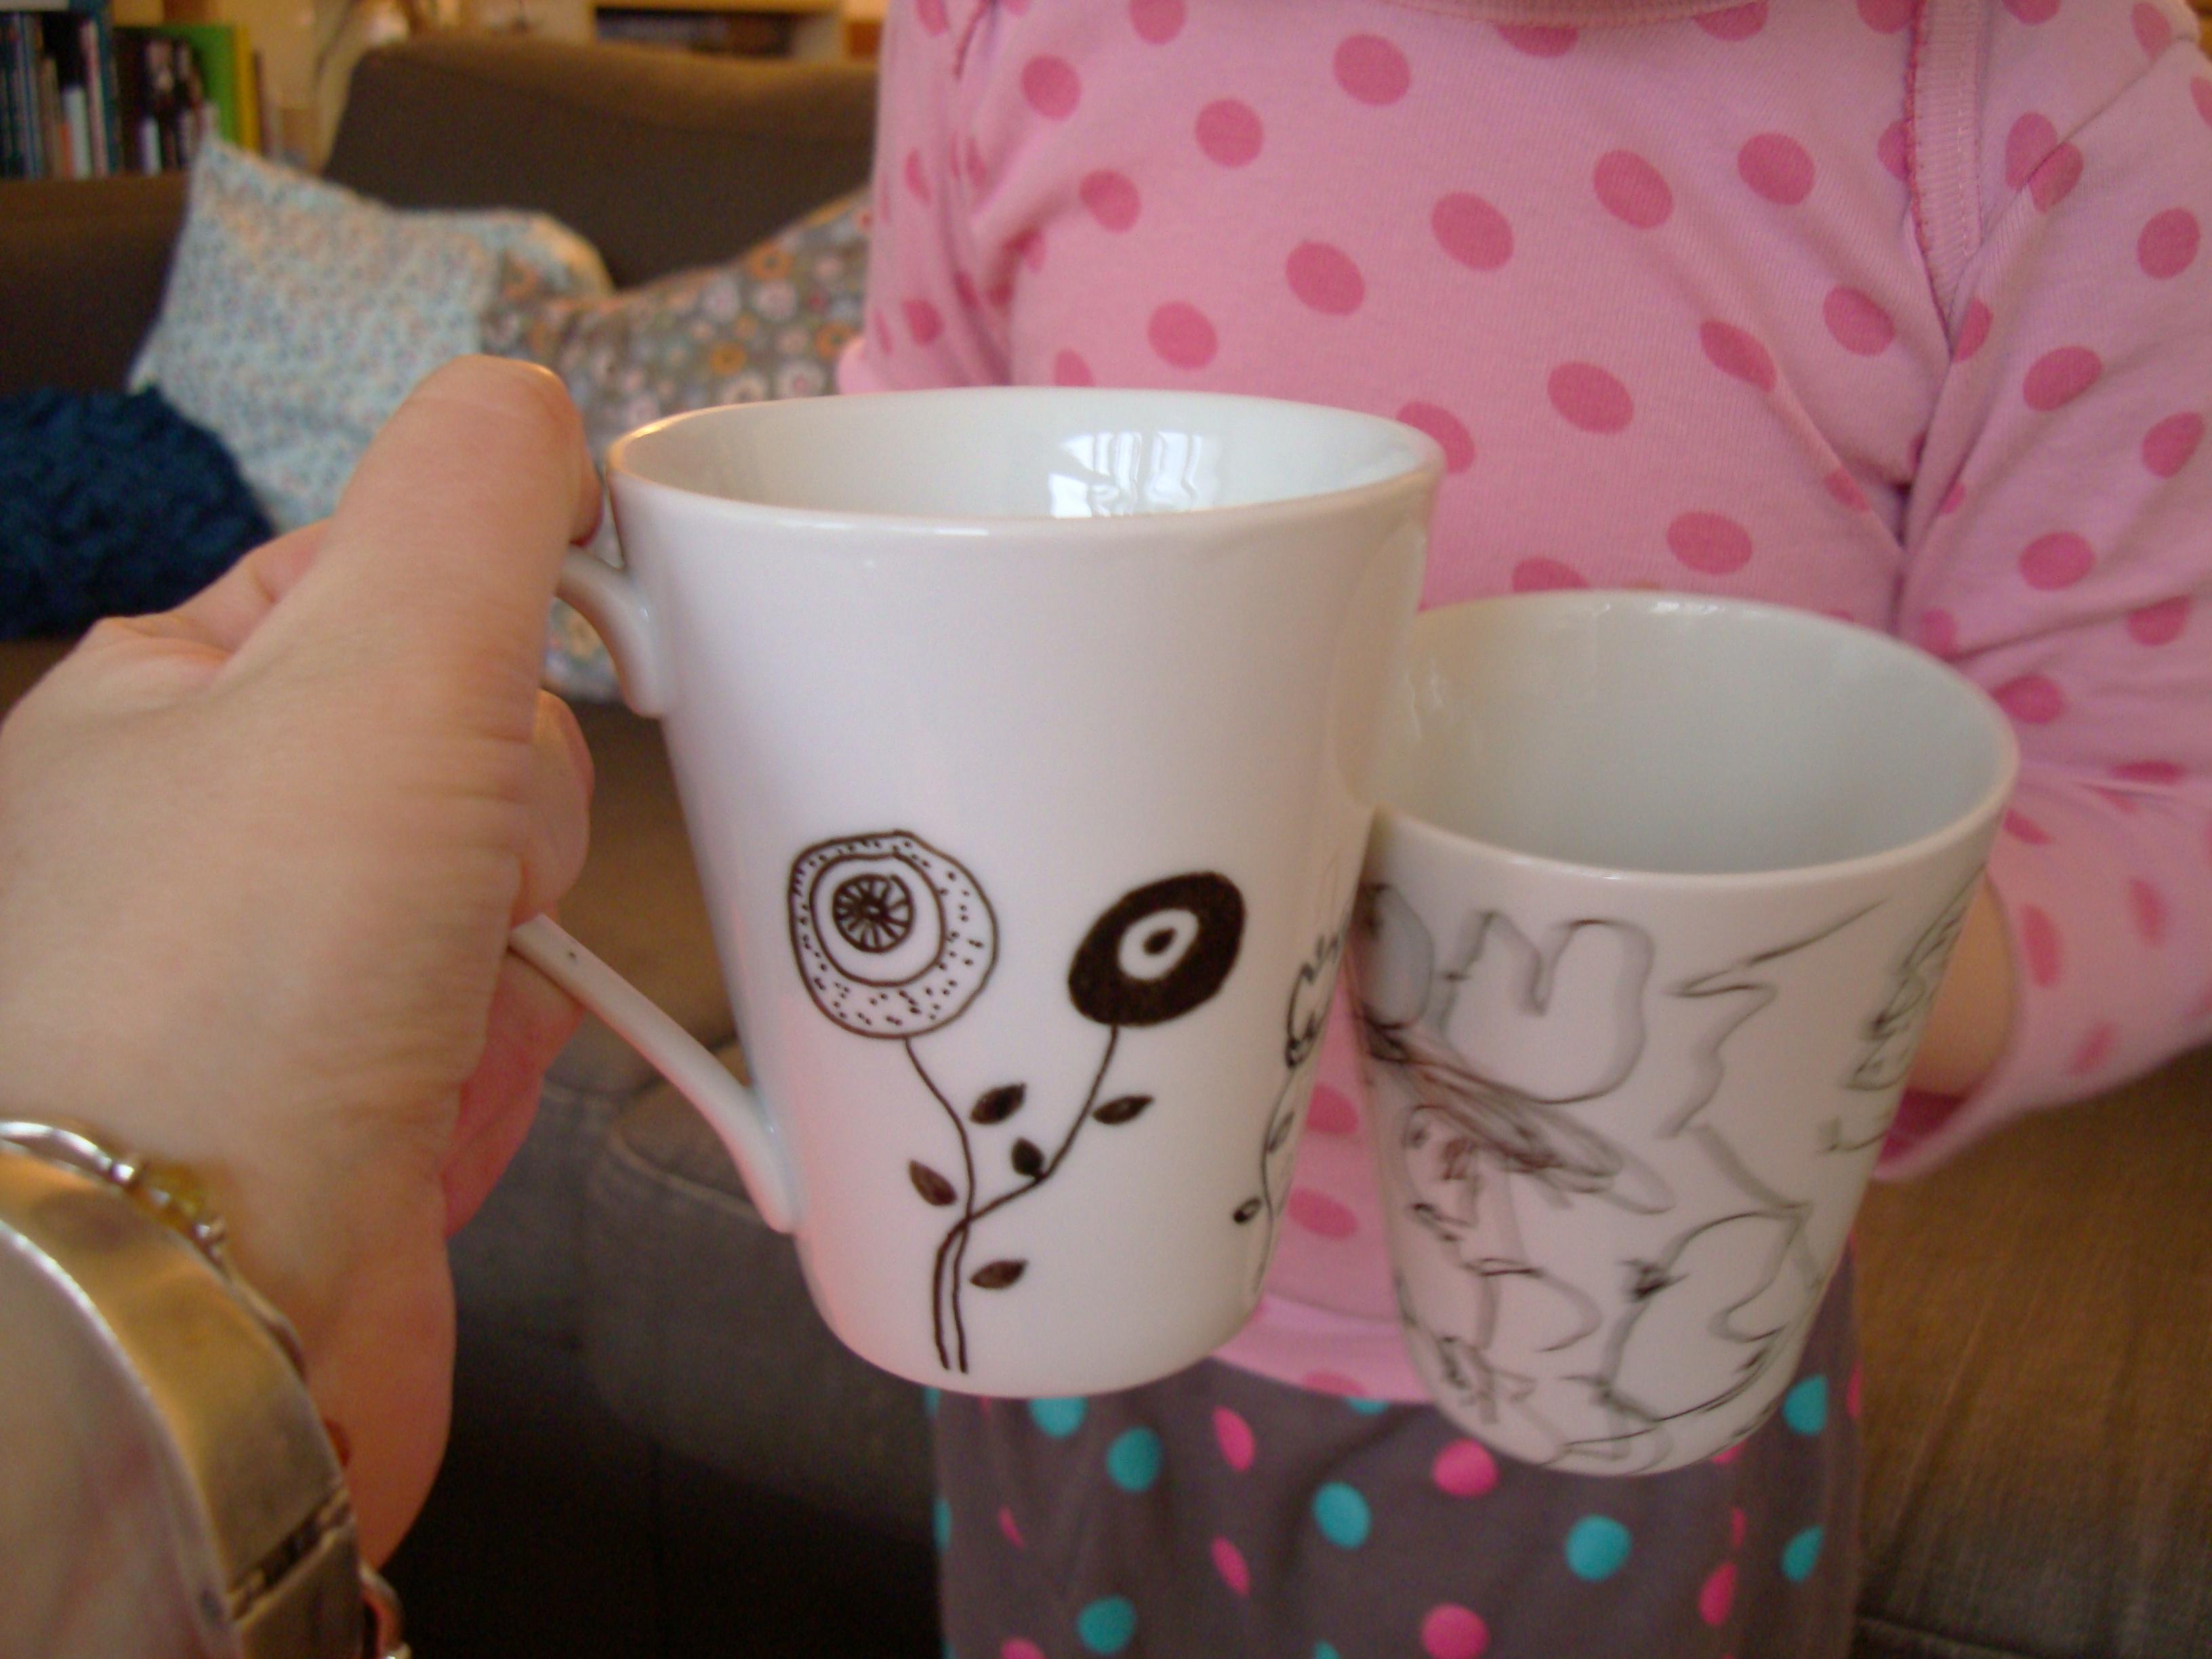 Célèbre Décoration de tasse – DIY #2 | Copine(s) Mère & Femme FM34